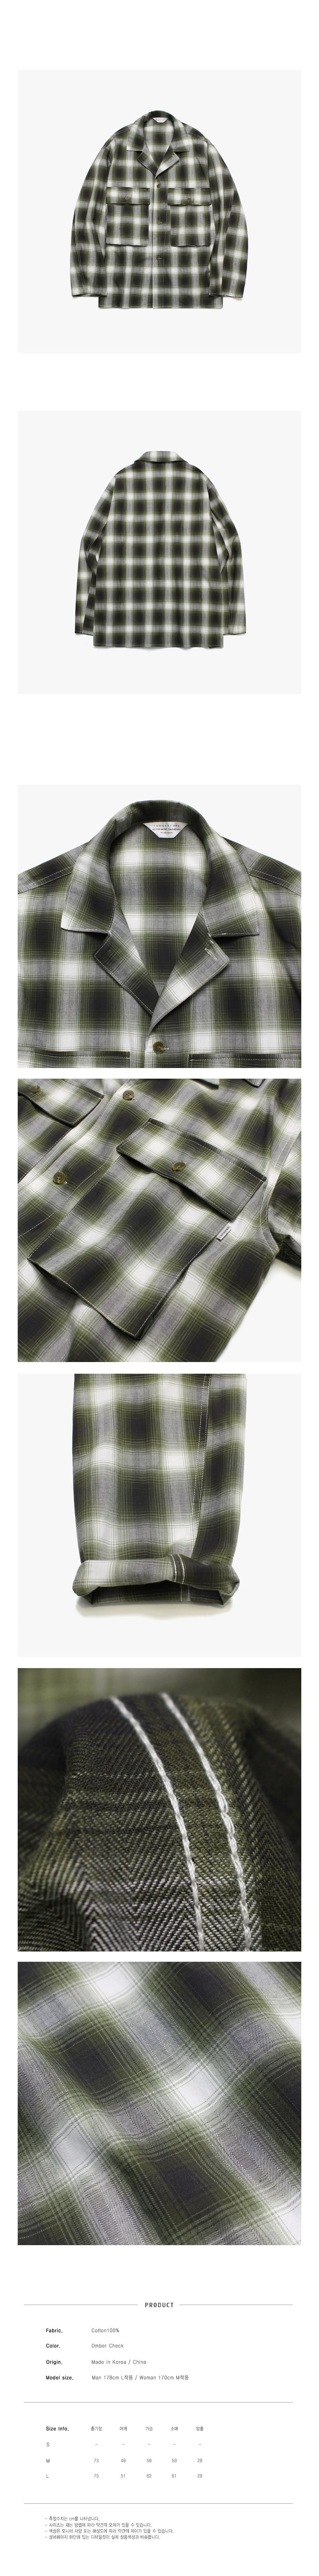 라퍼지스토어(LAFUDGESTORE) (Unisex)오디너리 와이드 체크 트러커 셔츠_Omber Check